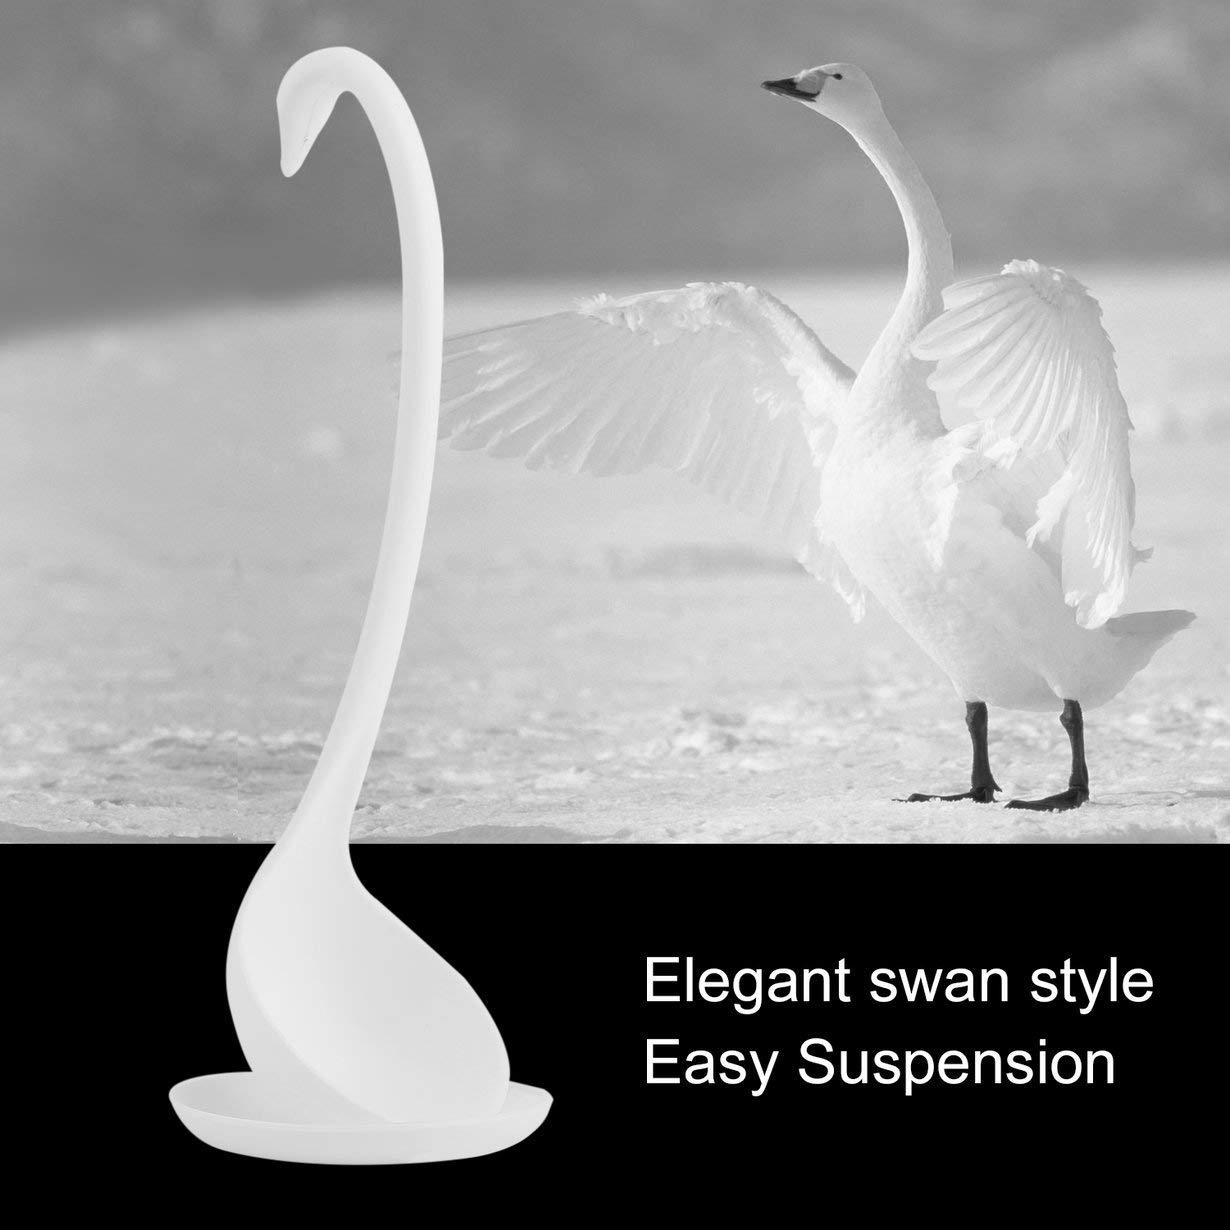 /À la mode Swan Louche Unique En Forme De Cygne PP Louche Sp/écial Cygne Cuill/ère Utile Cuisine Cuisson Outil En plastique Louche